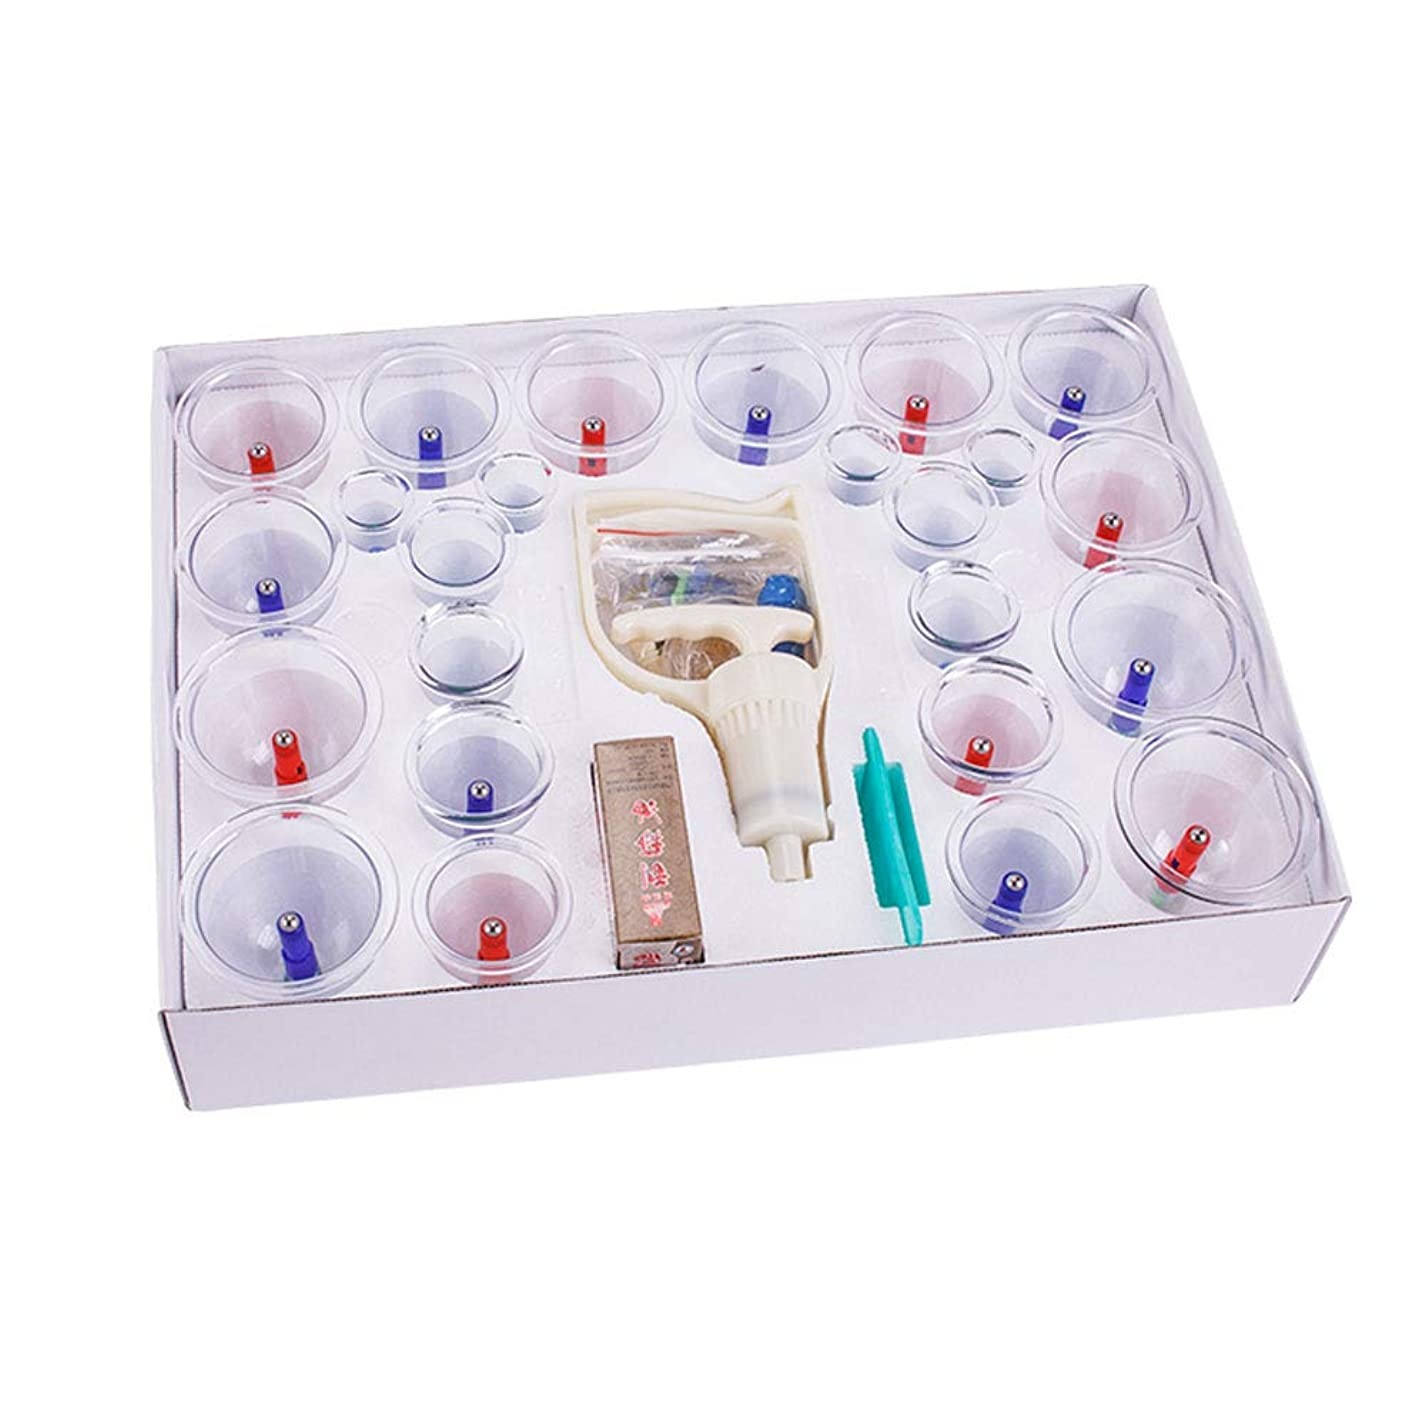 二層不適乳剤カッピング装置 - 専門のカッピング治療装置24カップは、大人と高齢者に適したポンプと伸展チューブで設定 美しさ